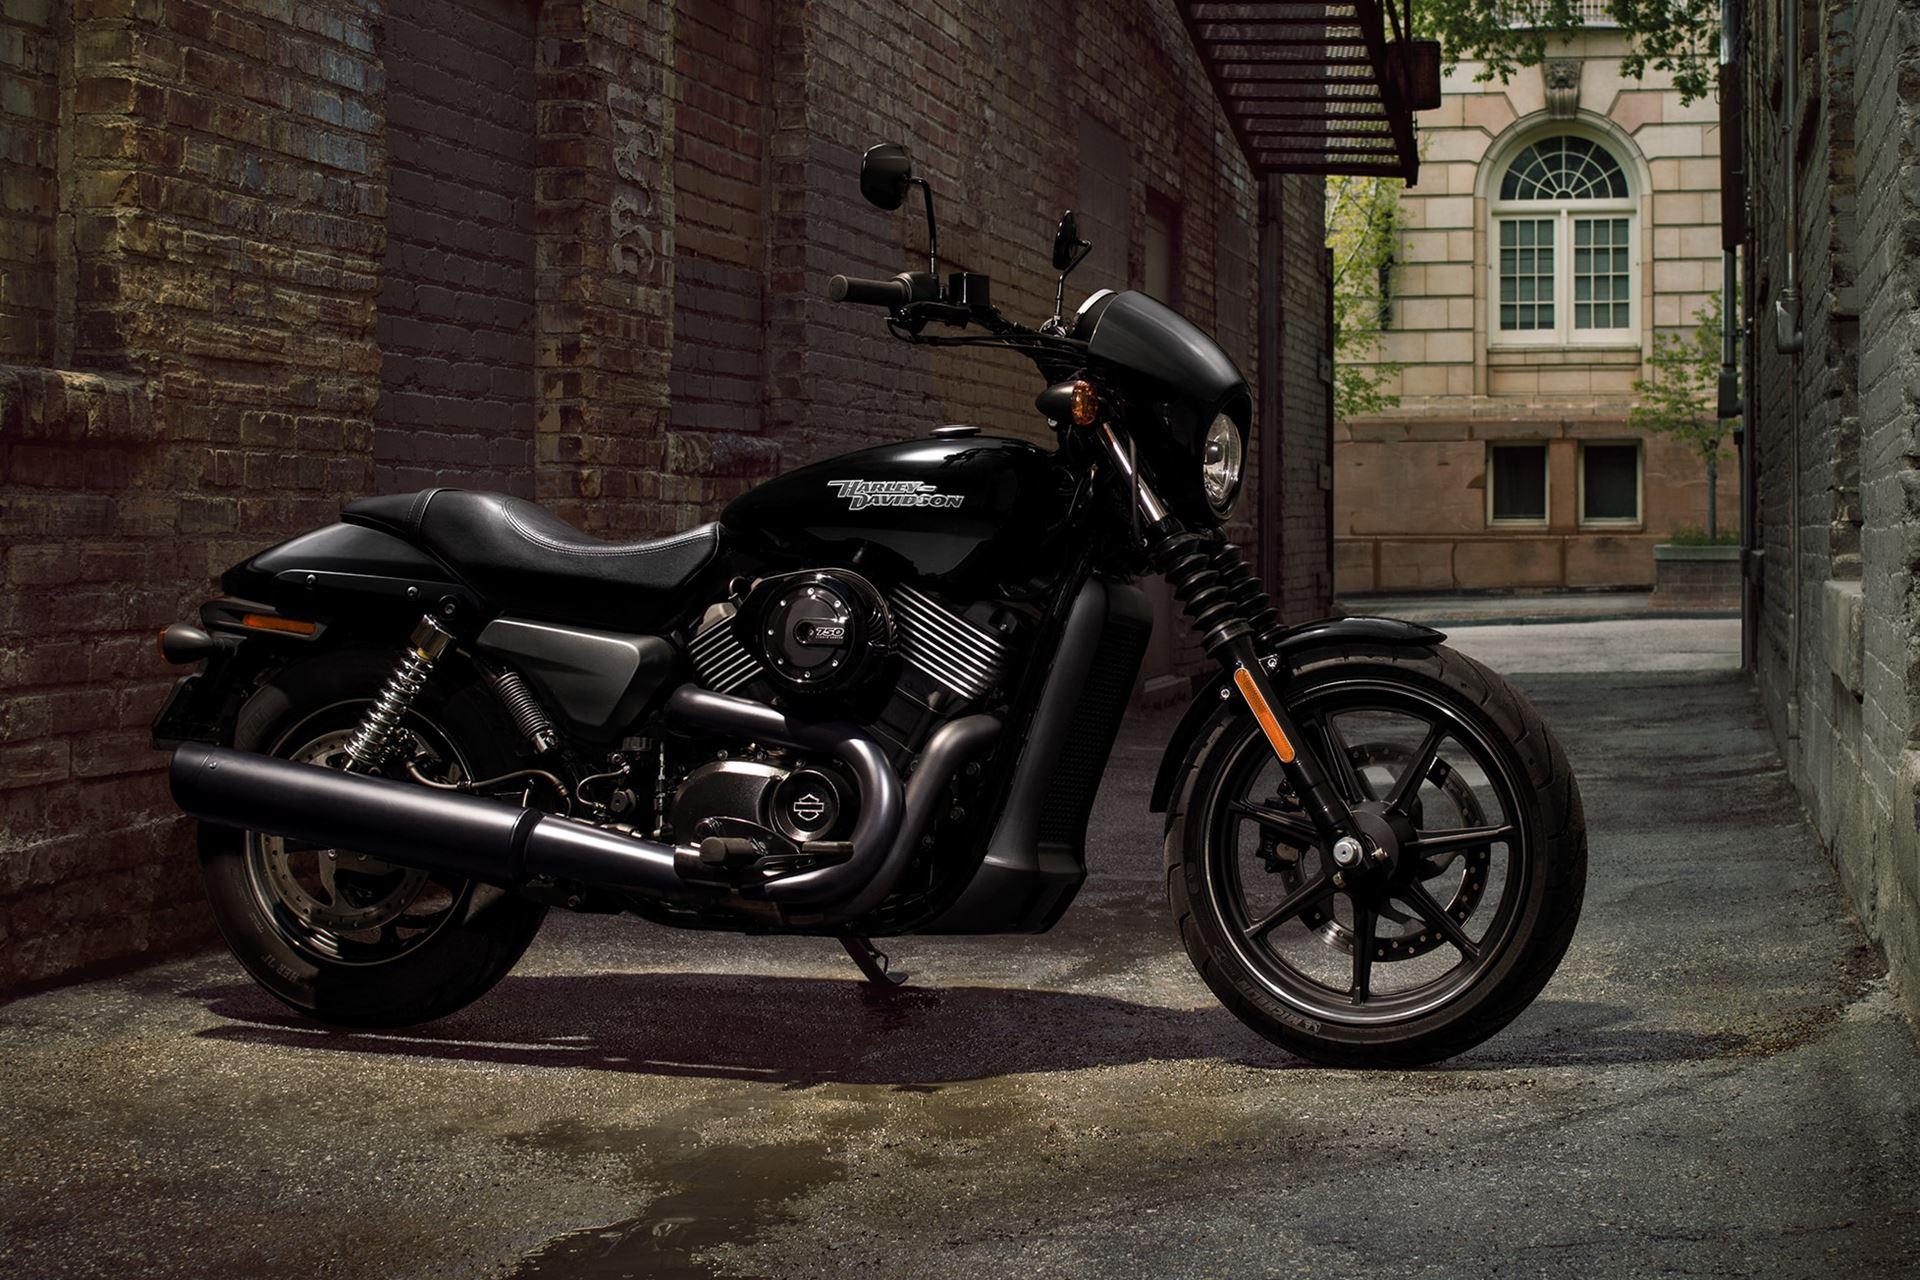 harley davidson street 750 moto street andar de moto. Black Bedroom Furniture Sets. Home Design Ideas